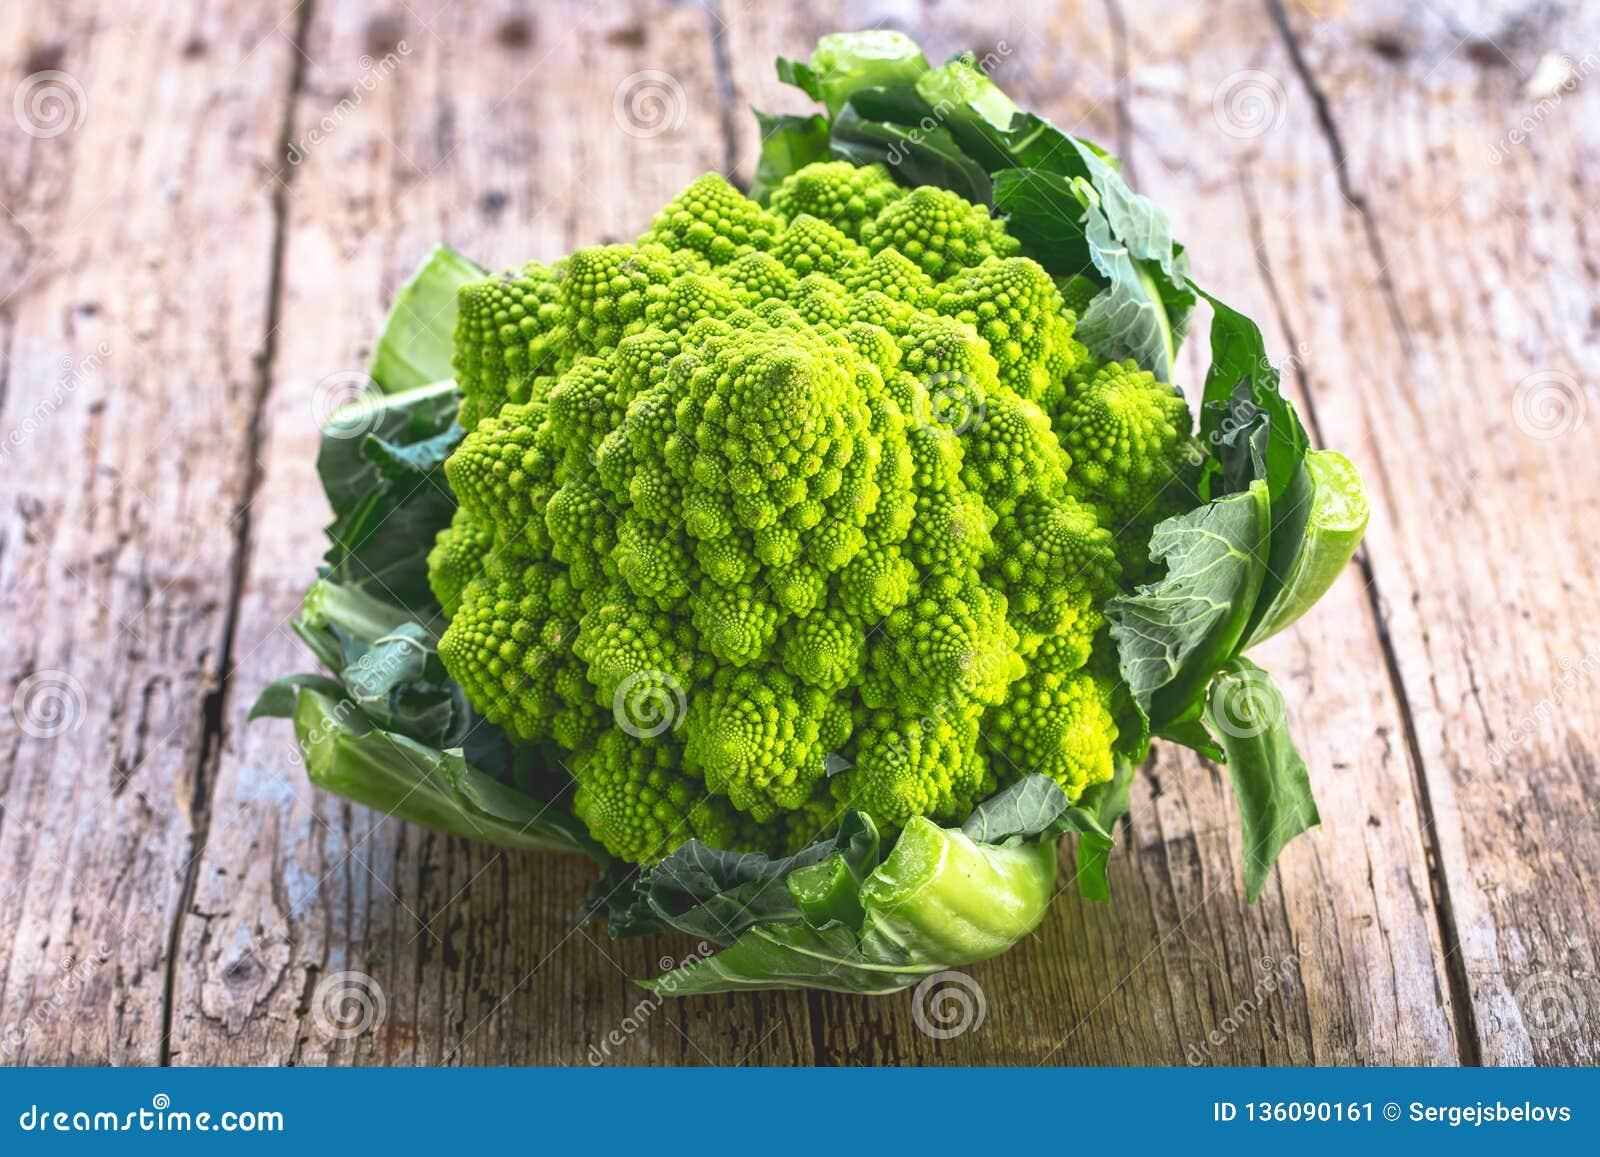 Romanesco-Brokkoligemüse stellt ein natürliches Fractalmuster dar und ist in den vitimans reich